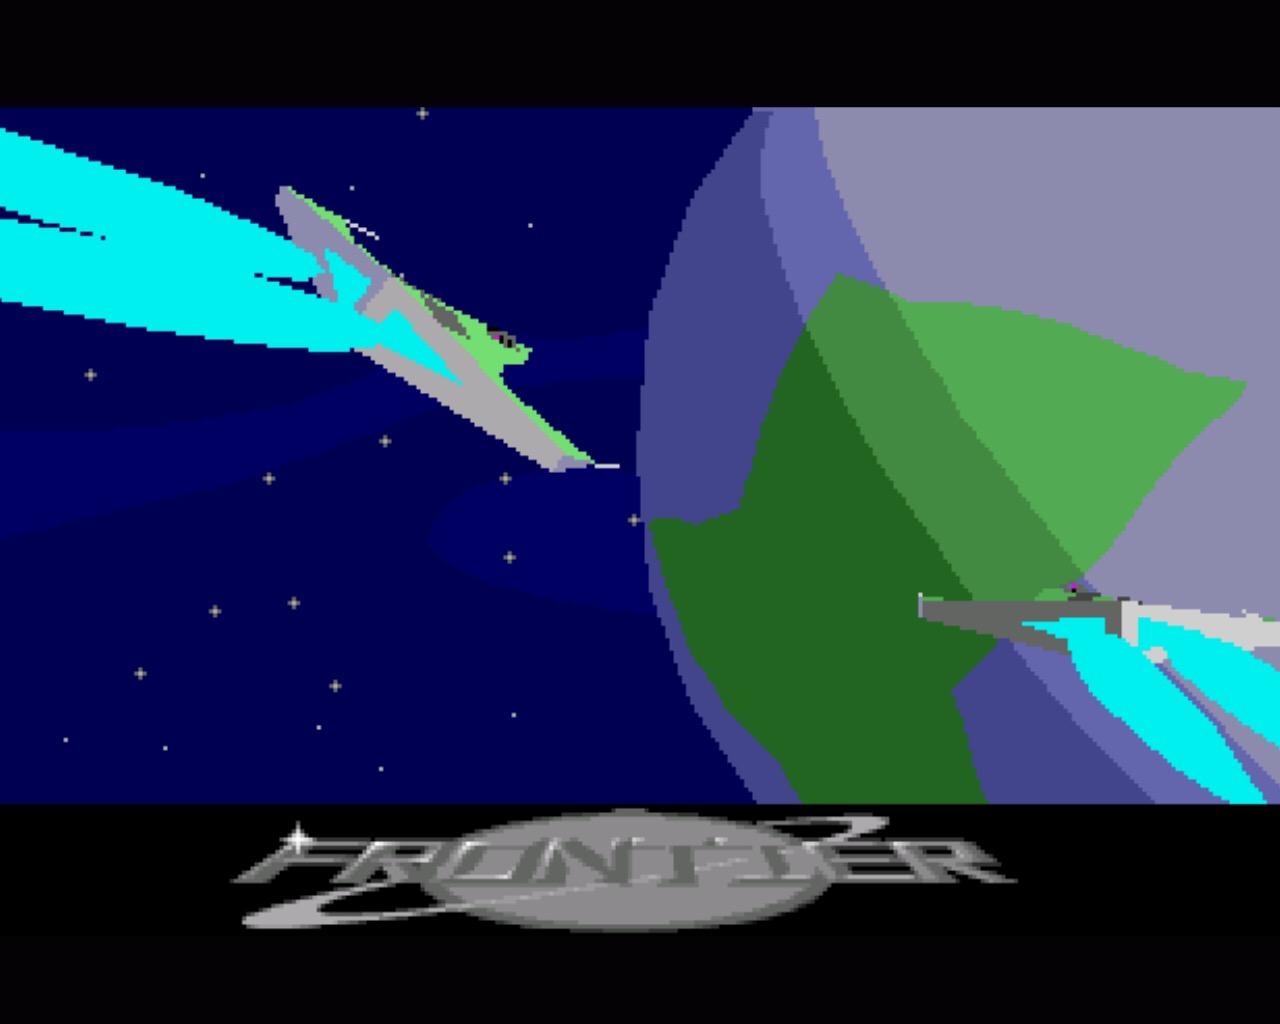 Nicht ganz unendliche Weiten der Amiga-Leistungsfähigkeiten: Elite kehrt 1993 zum Amiga zurück